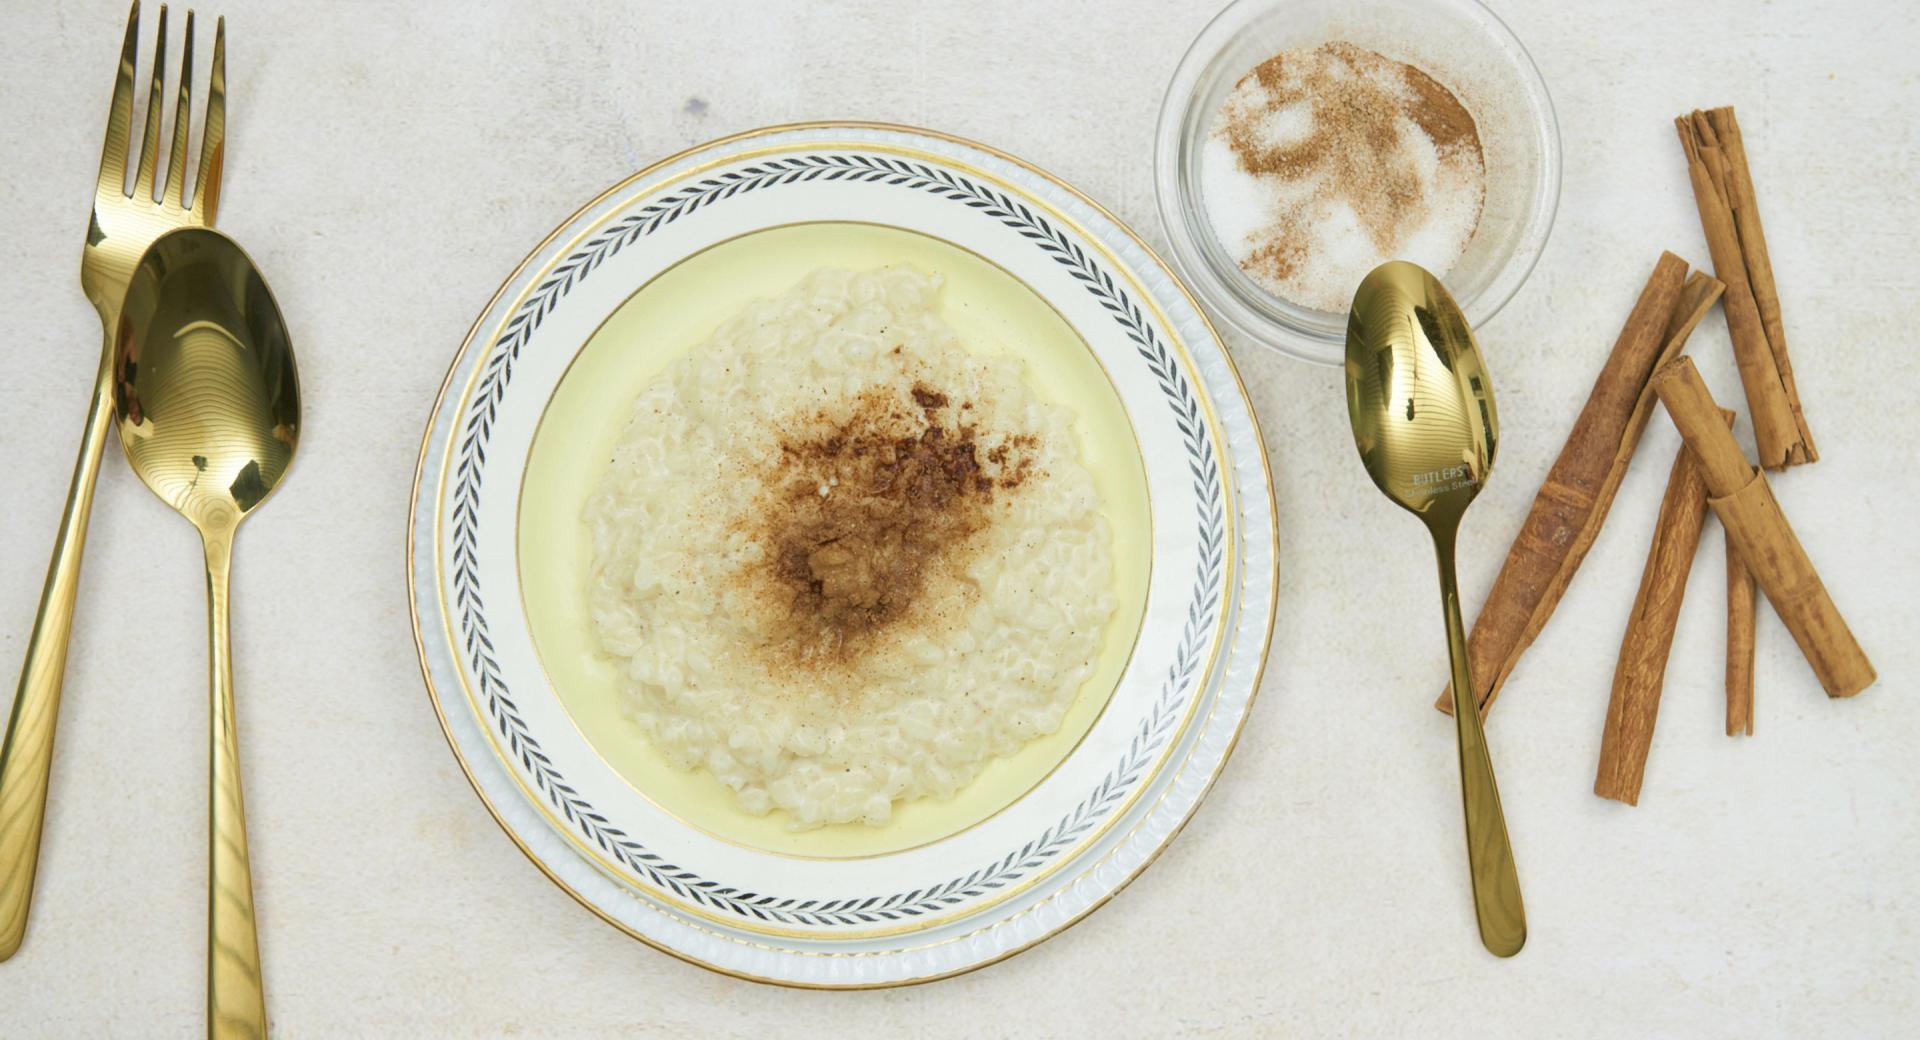 Arroz con leche turco